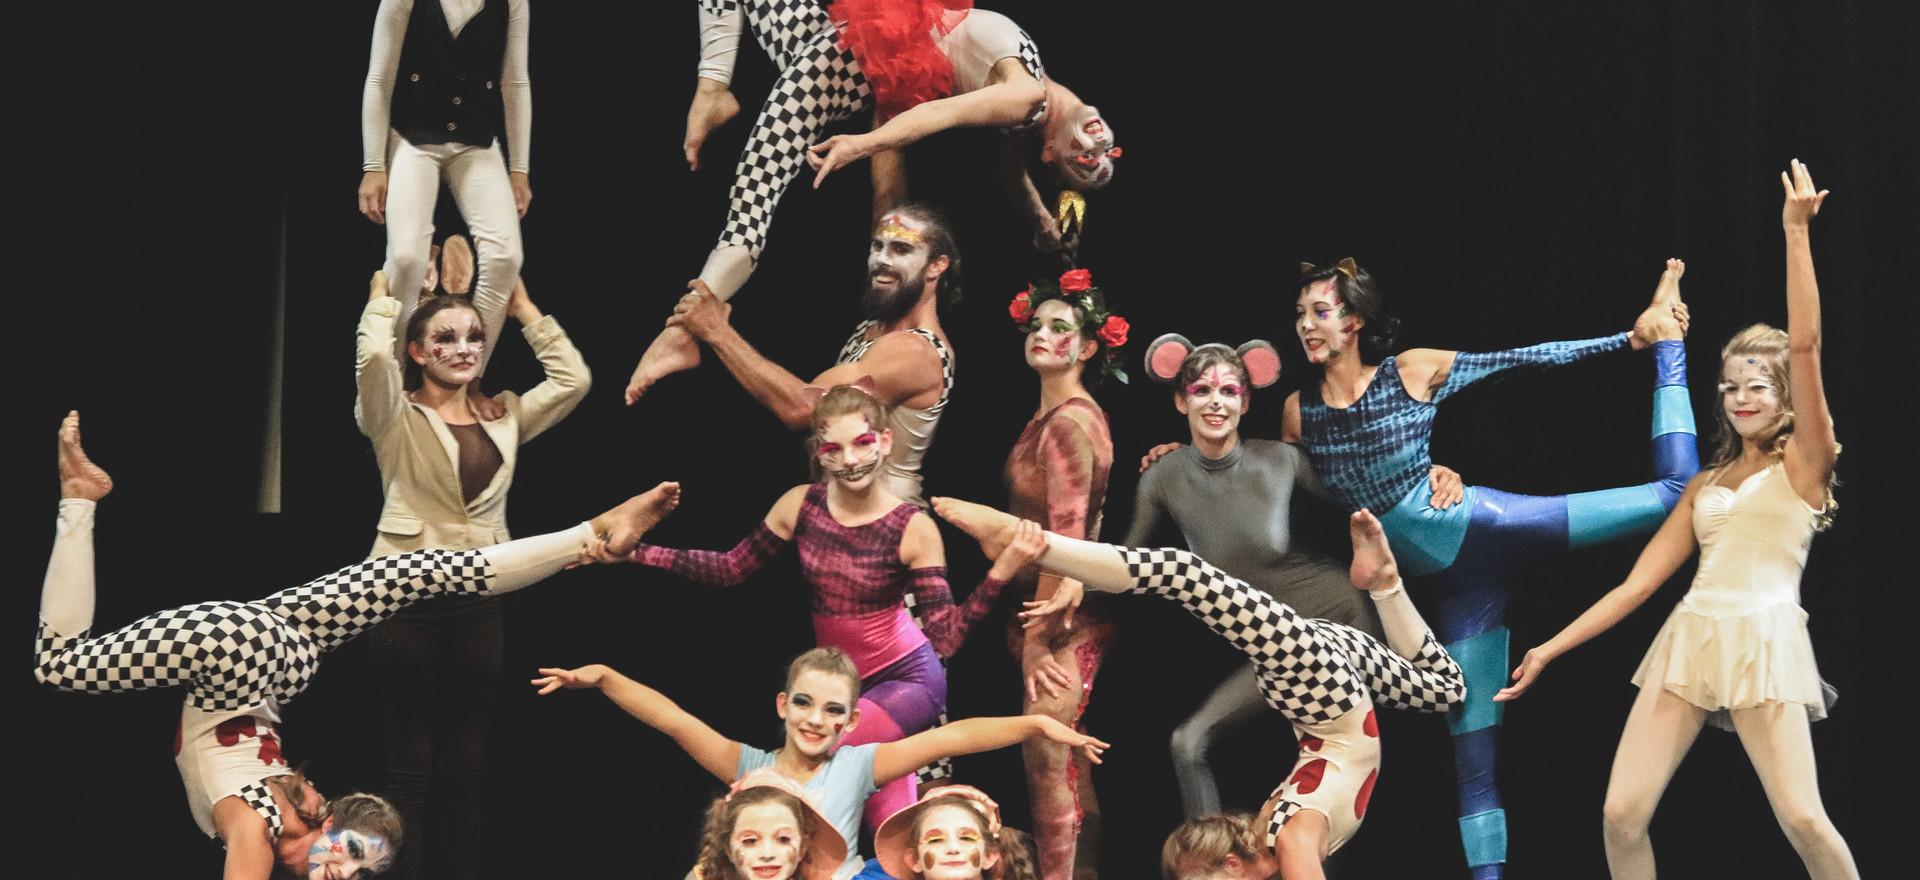 The Durango Circus 2018